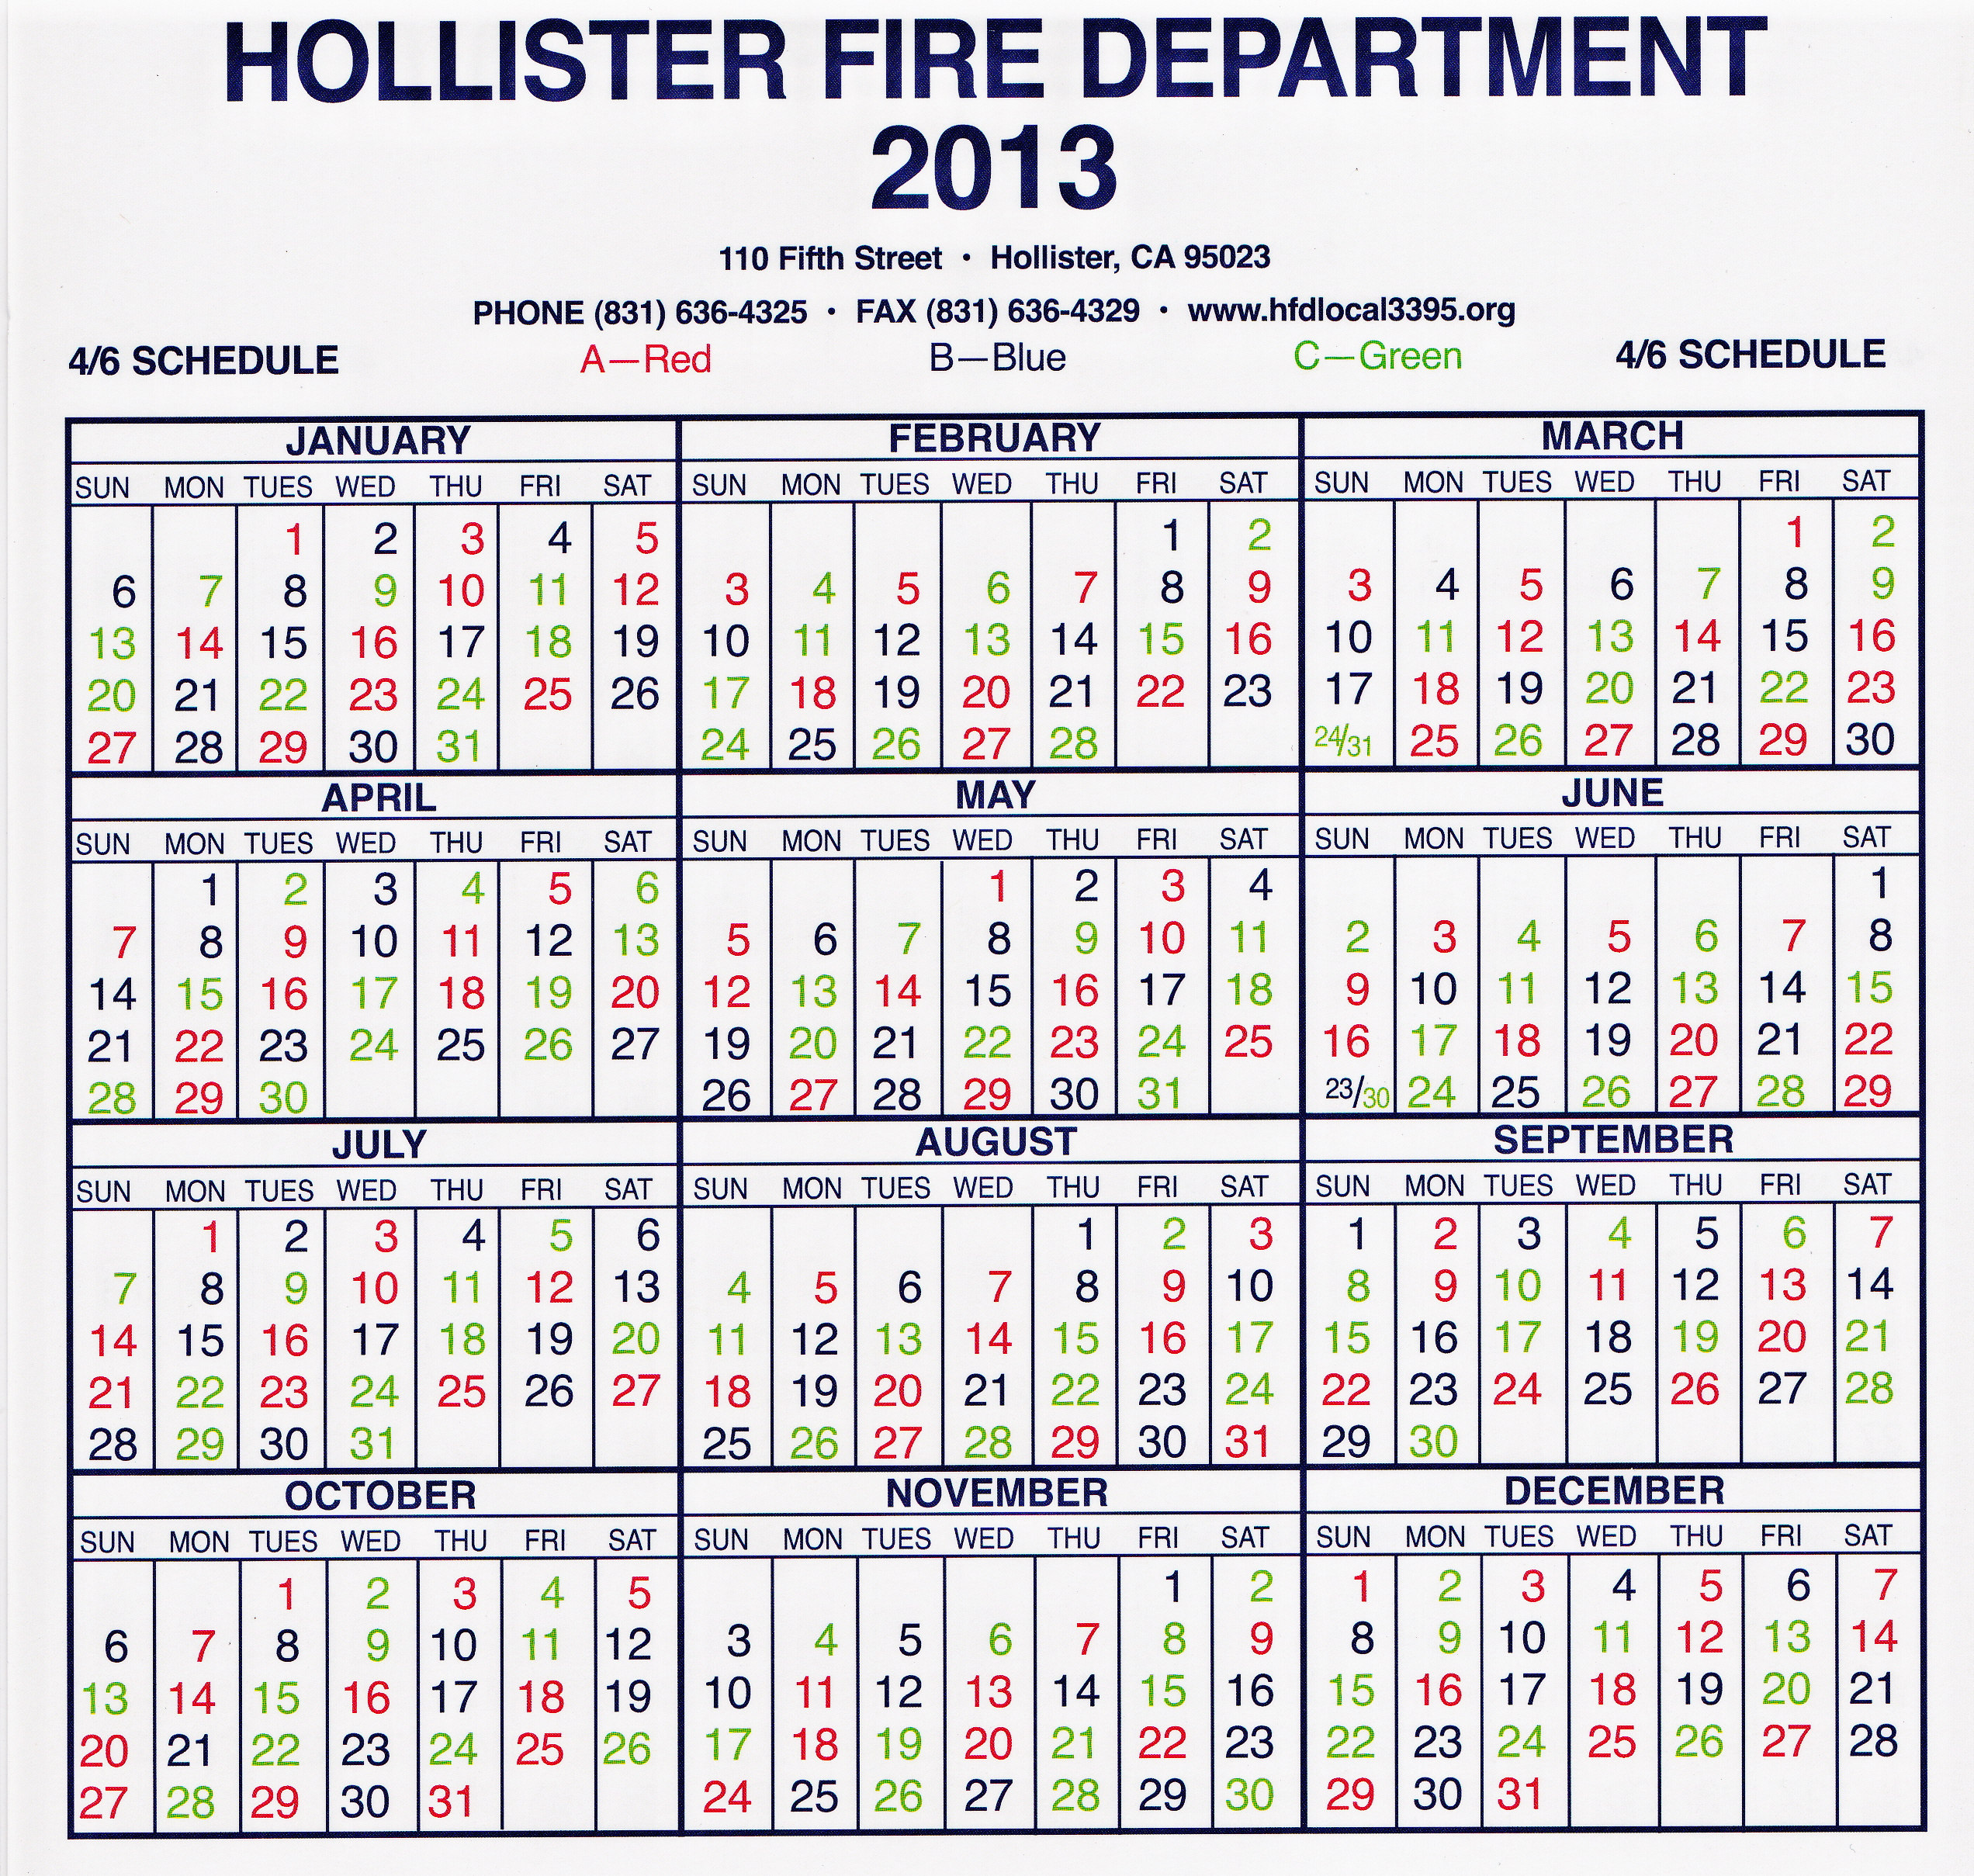 Hollister Fire Department Local 3395 - Shift Calendar within Fire Shift Calendar